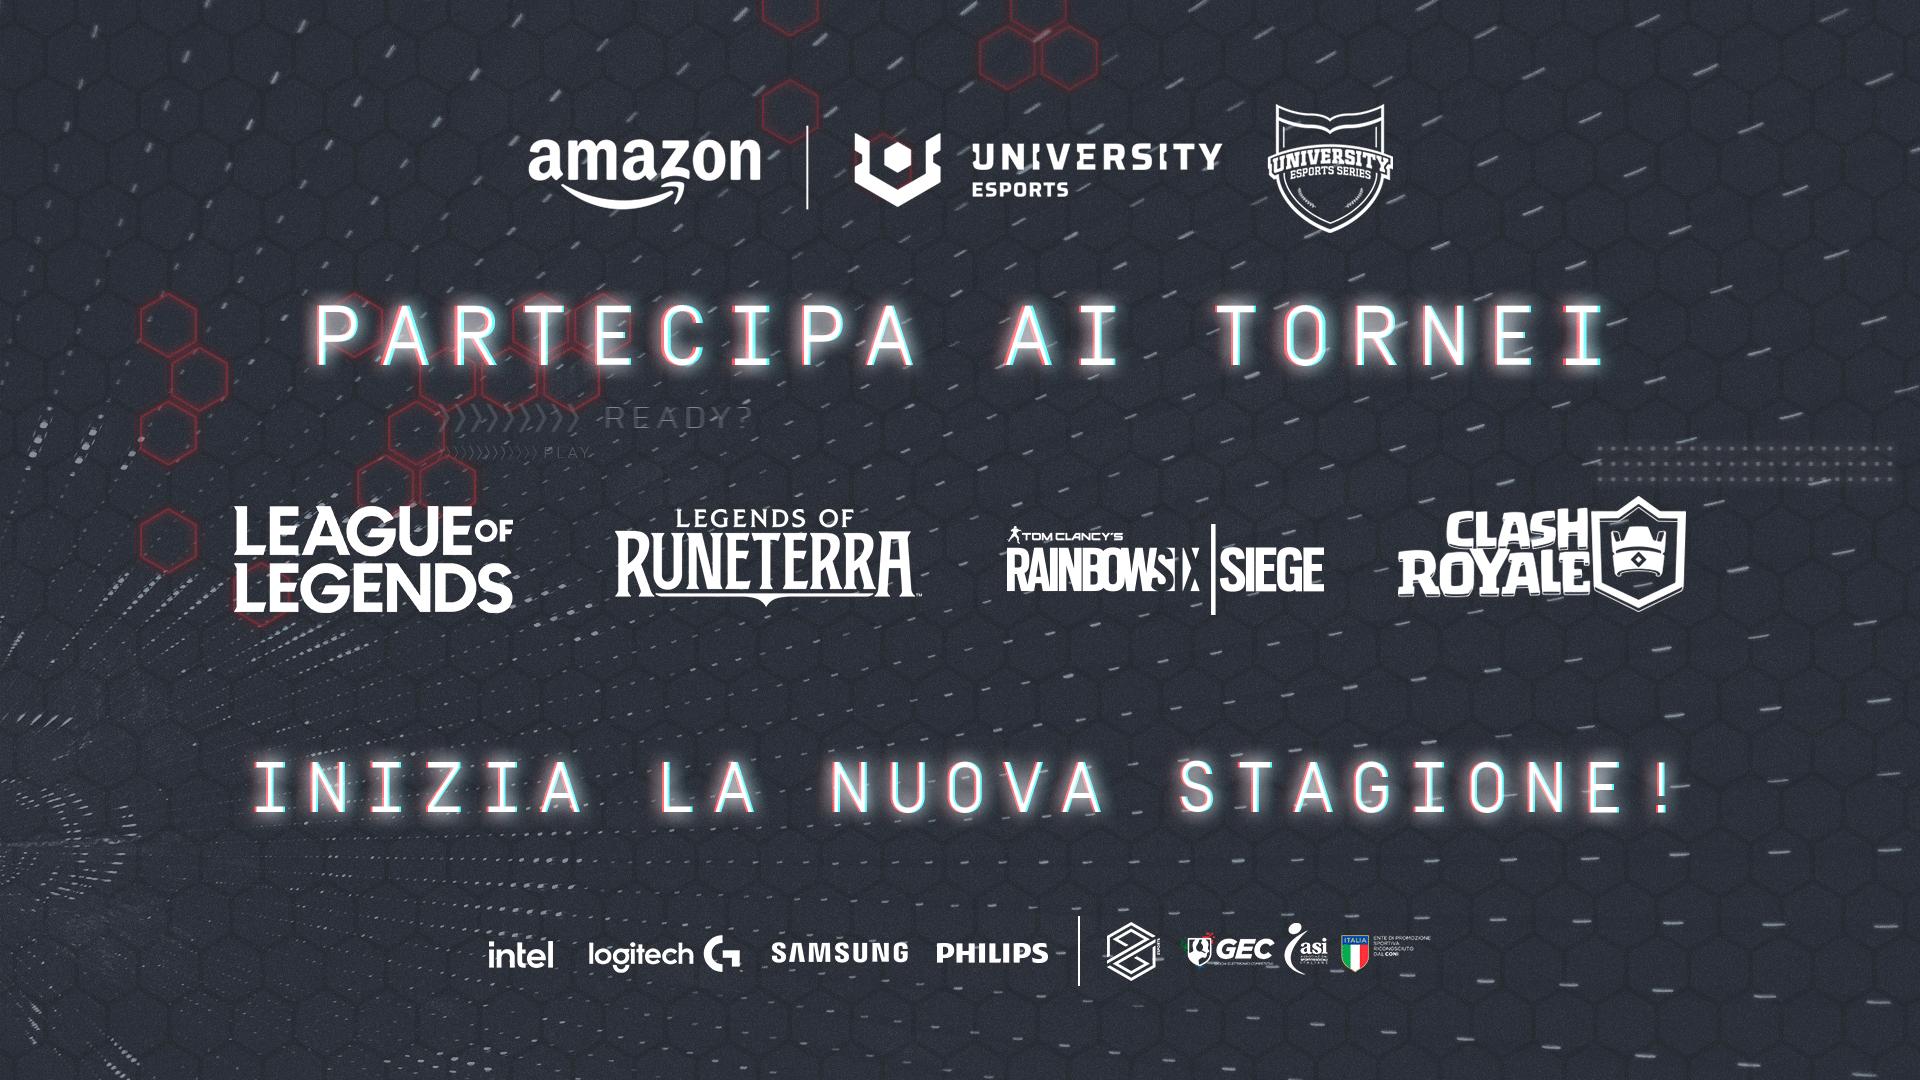 Amazon University Esports: il torneo per atenei italiani